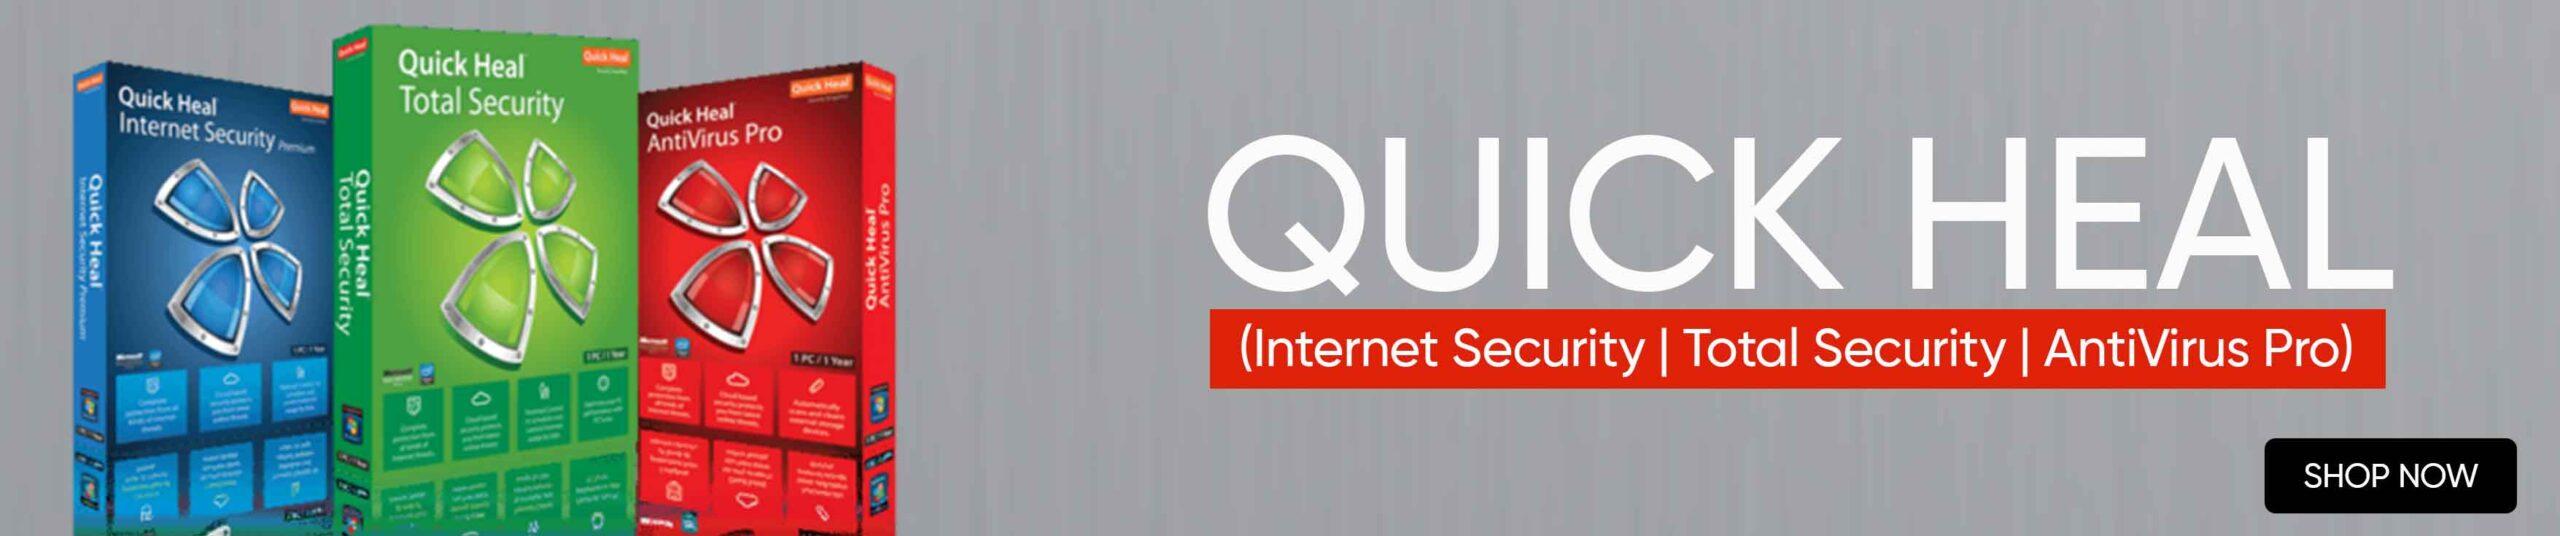 quickheal antivirus